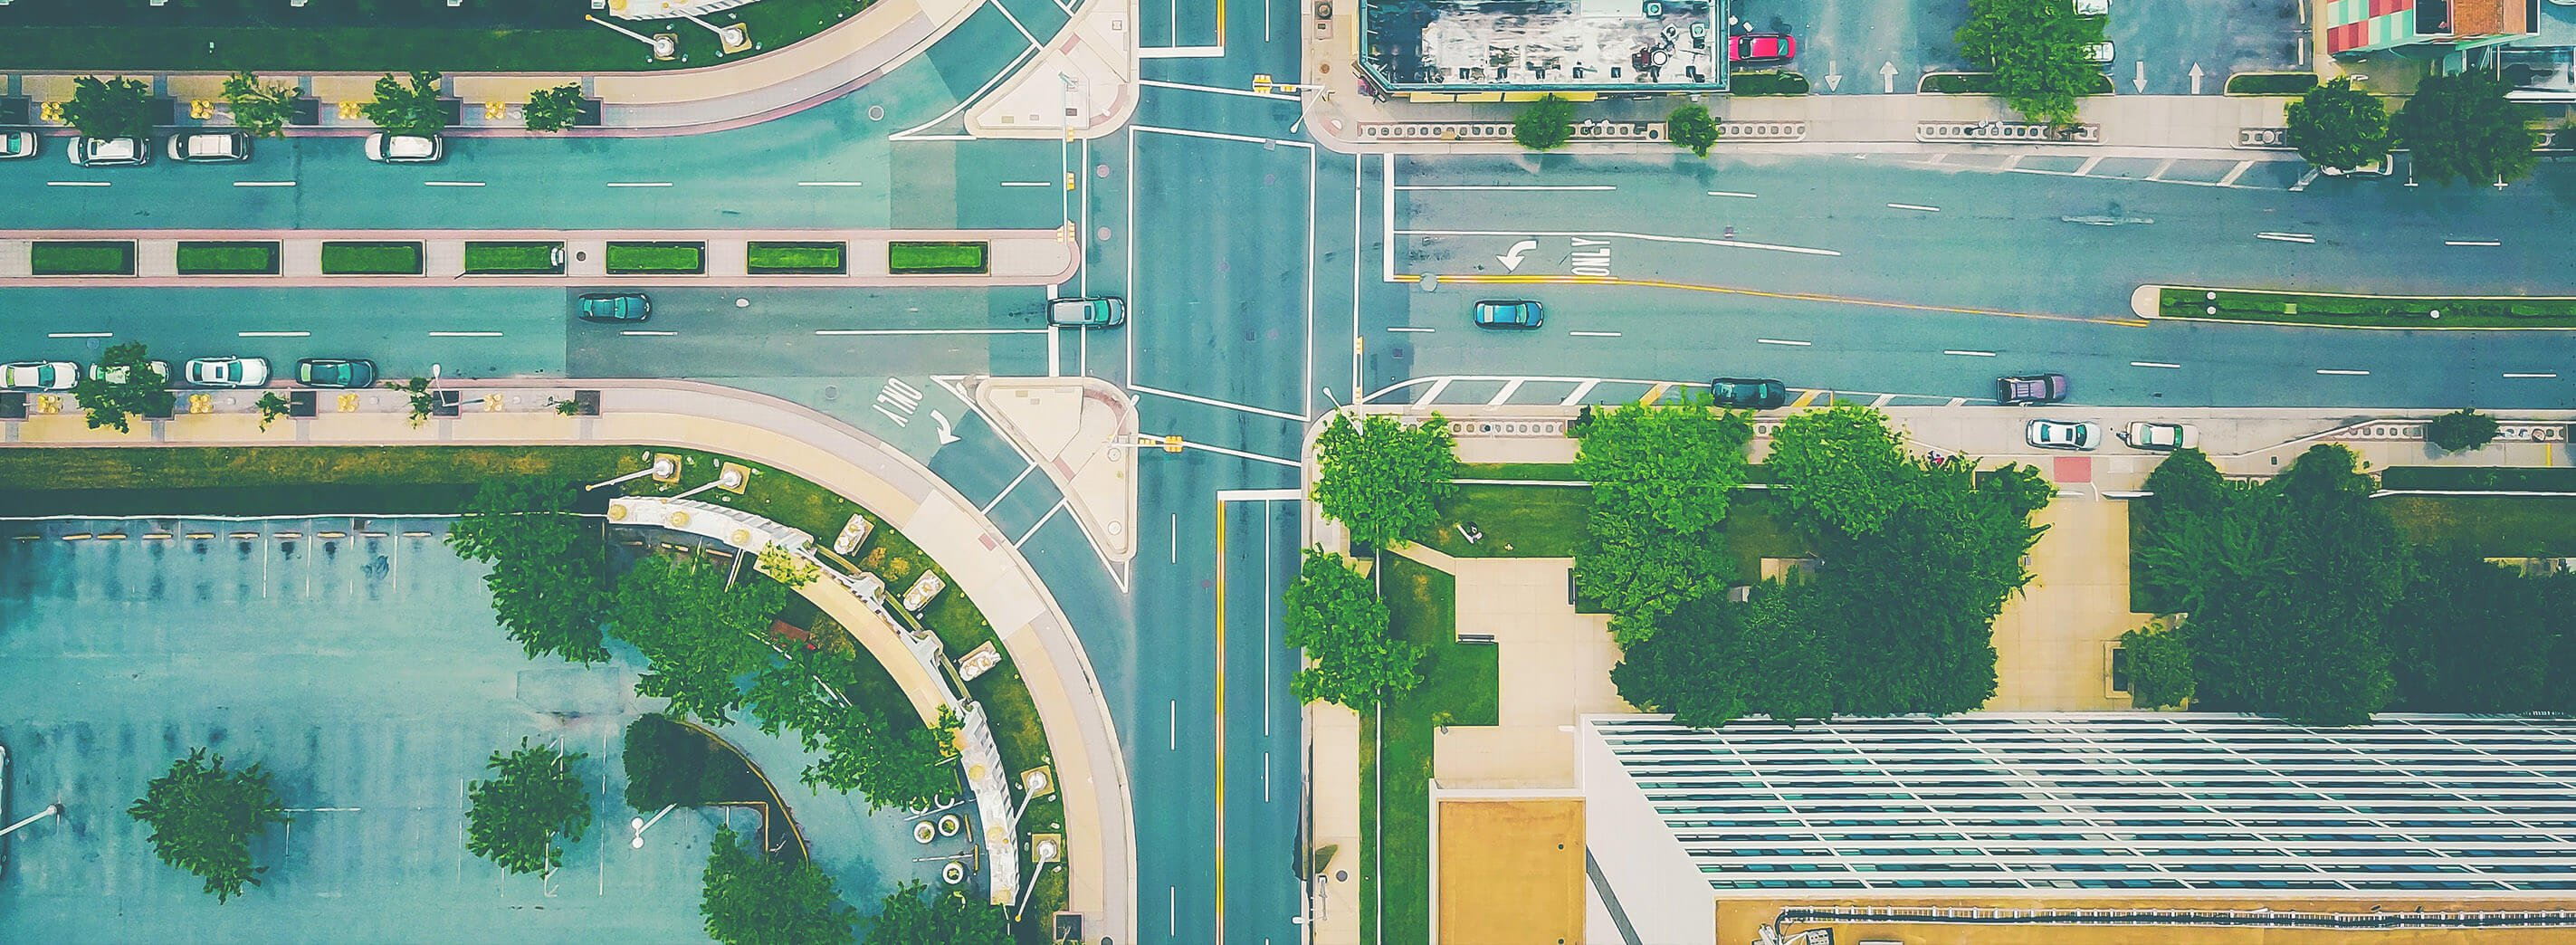 iot roadmap city scape.jpg